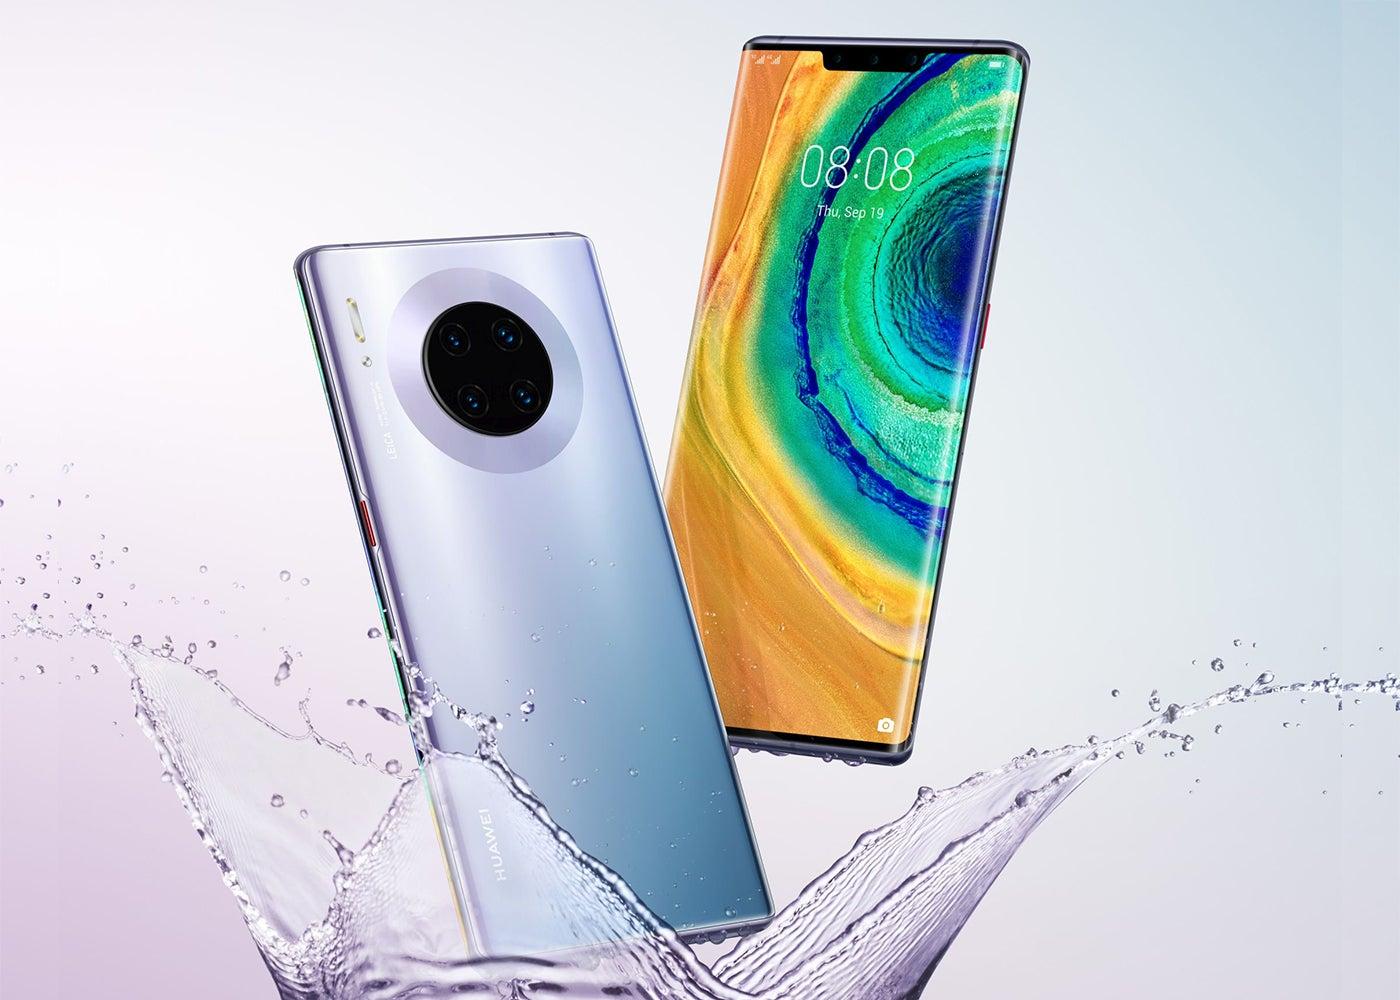 Huawei a vendu 240 millions de smartphones en 2019 (oui, quand même)